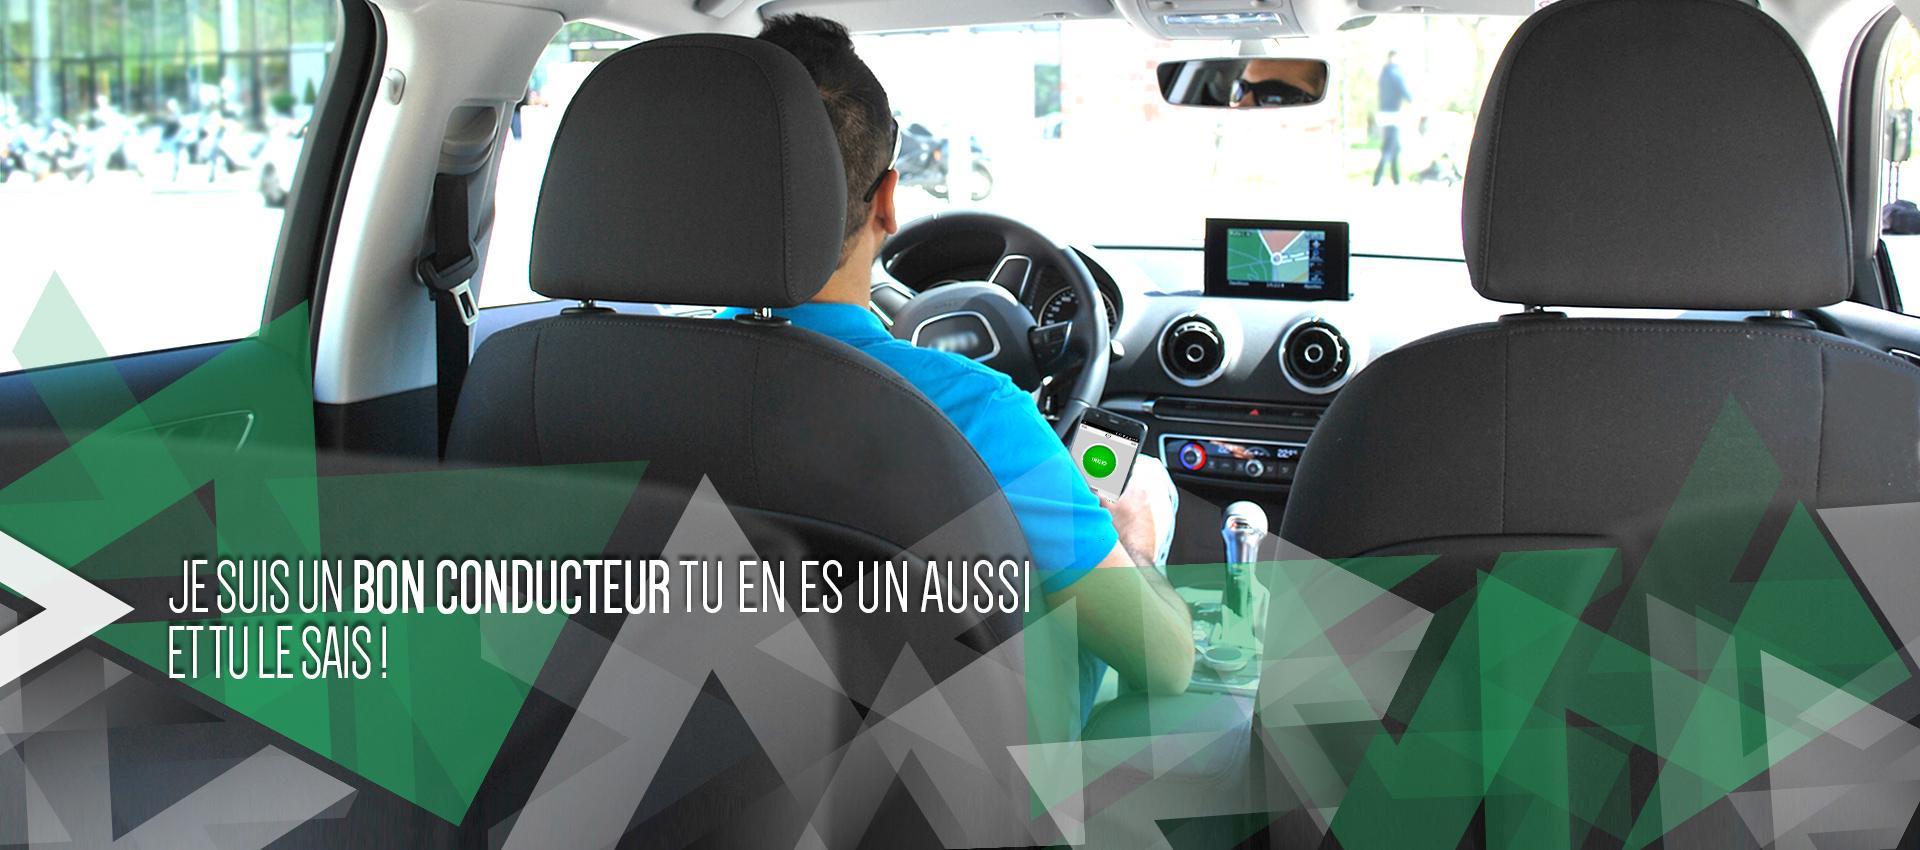 DriveSmart homepage imagen 1